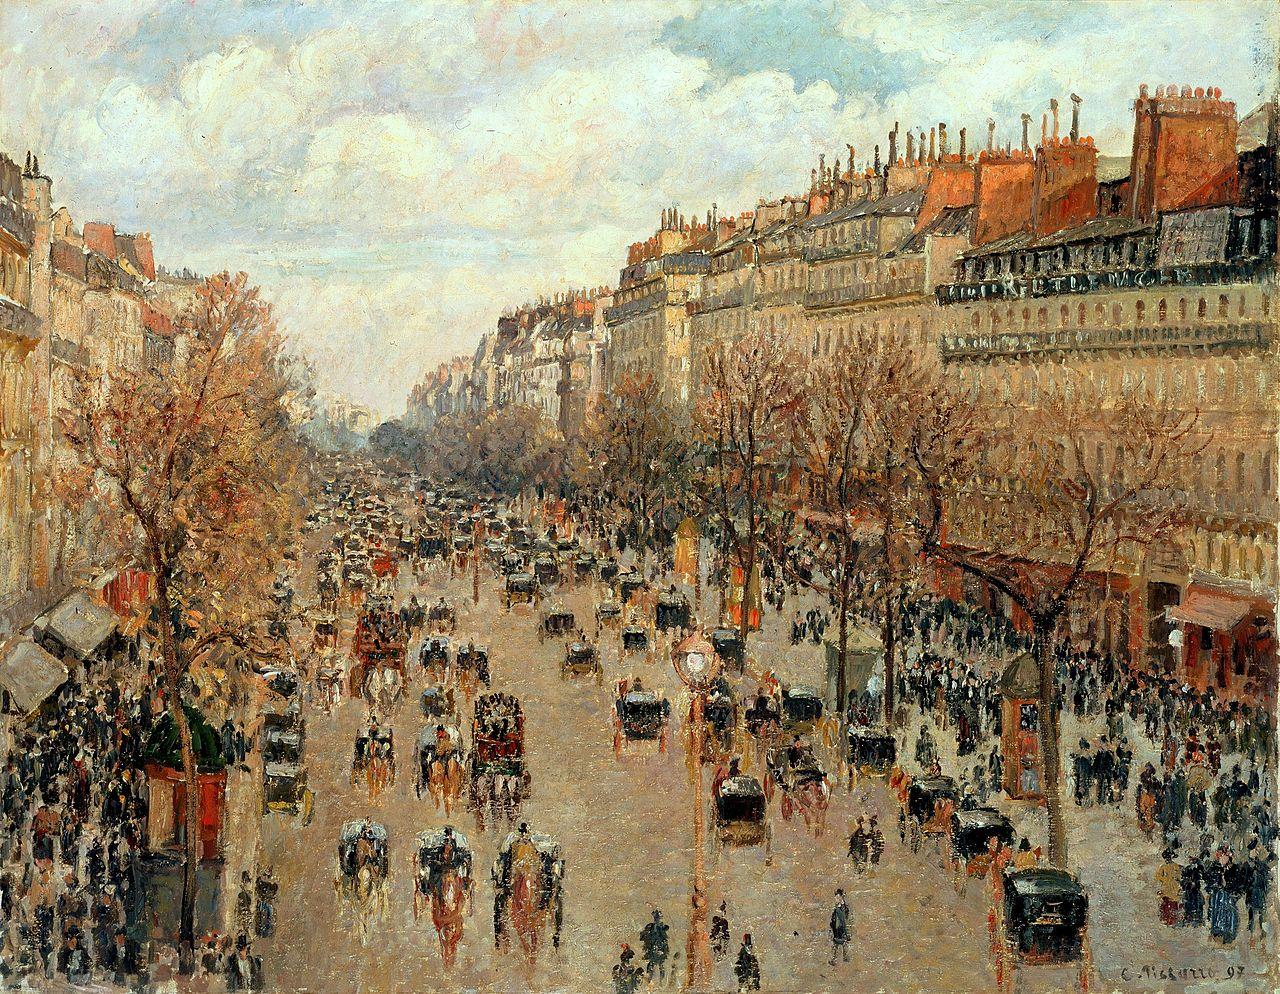 Камилль Писсарро, «Бульвар Монмартр. После полудня, солнечно.» 1897